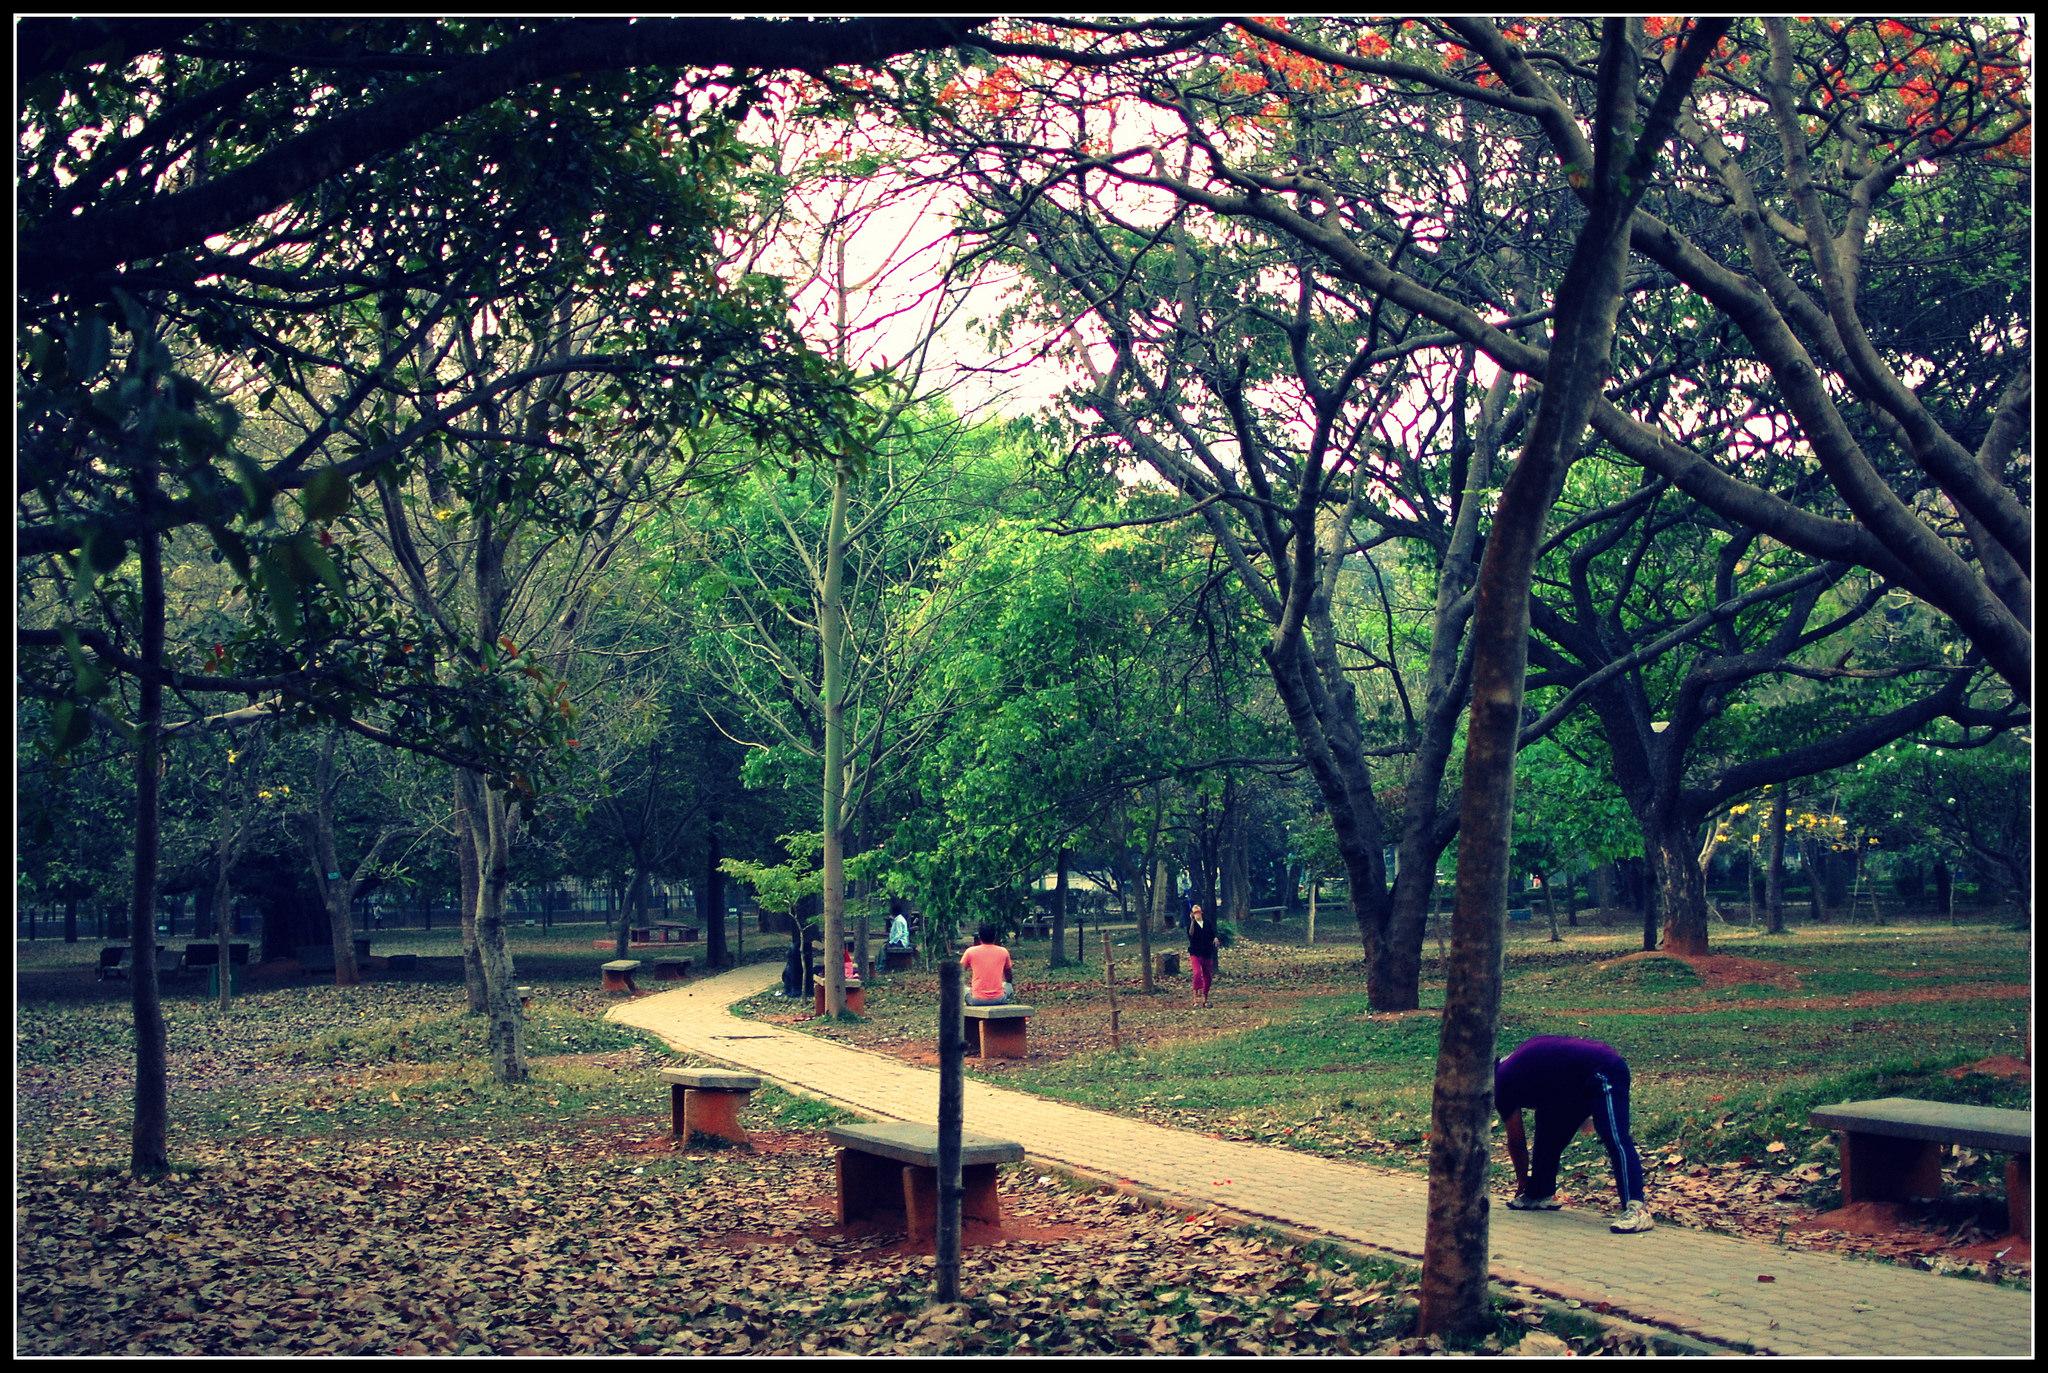 India-Bengaluru-Cubbon-park